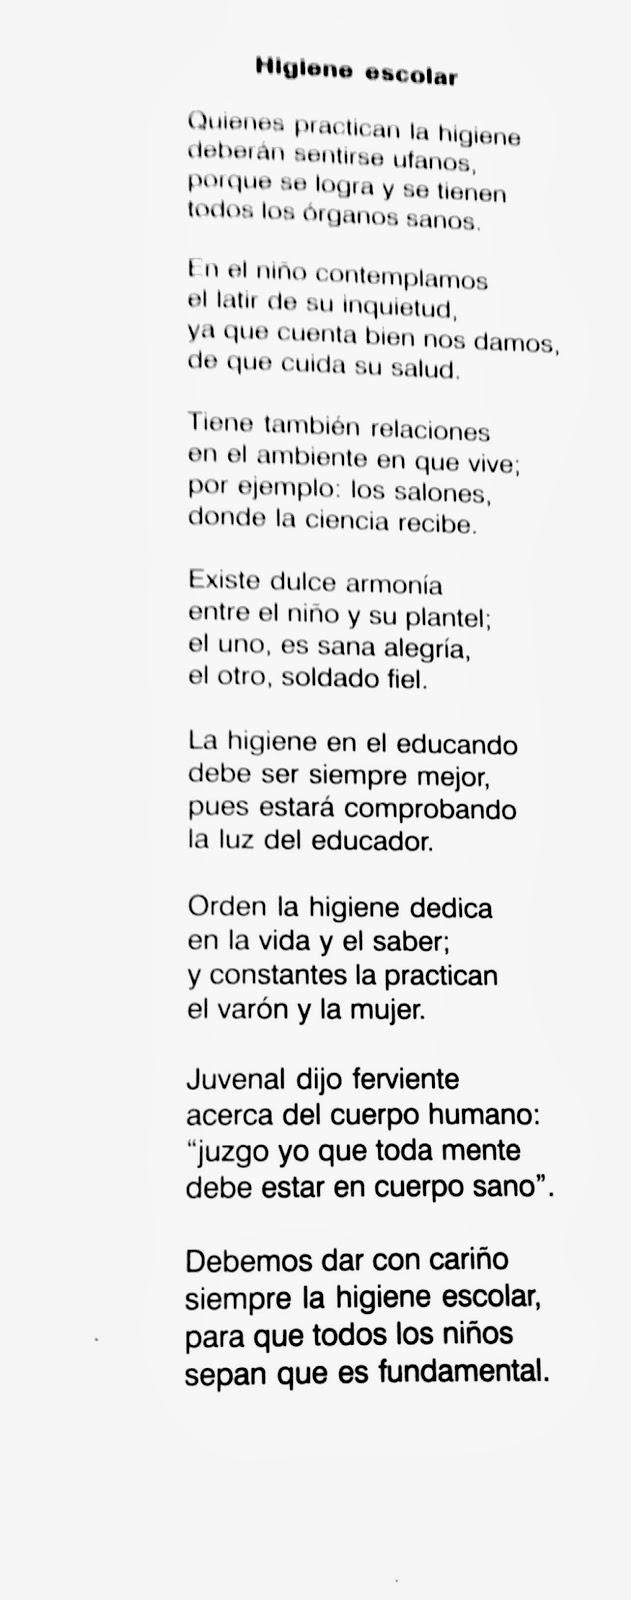 Poesía de la Higiene escolar